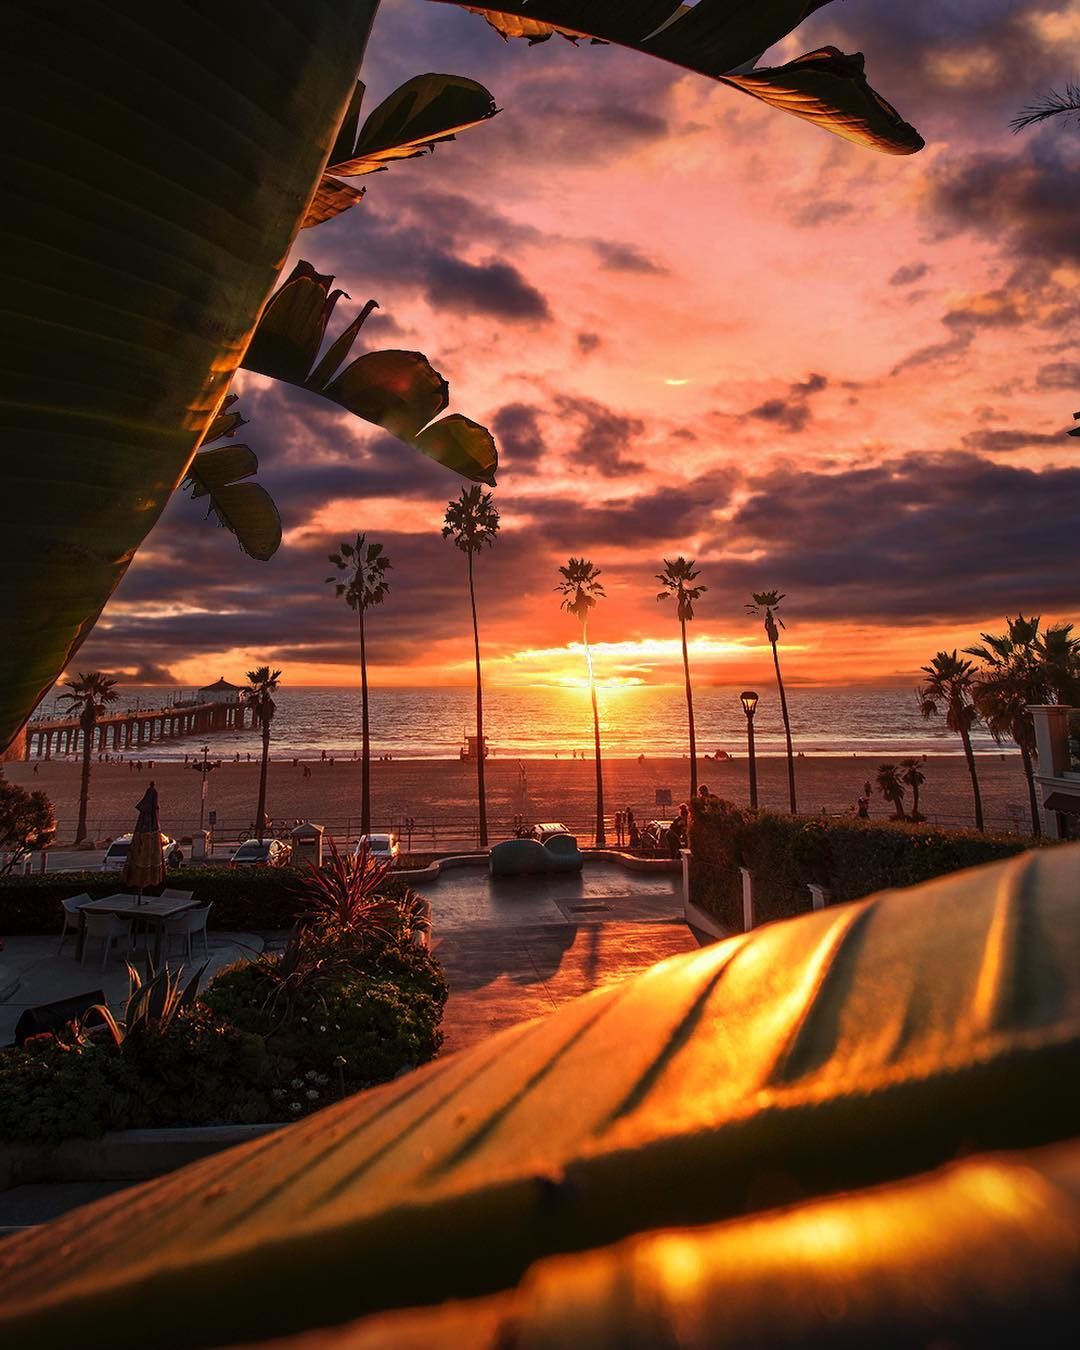 Пейзажные и уличные снимки Калифорнии от Нейта Кэрролла